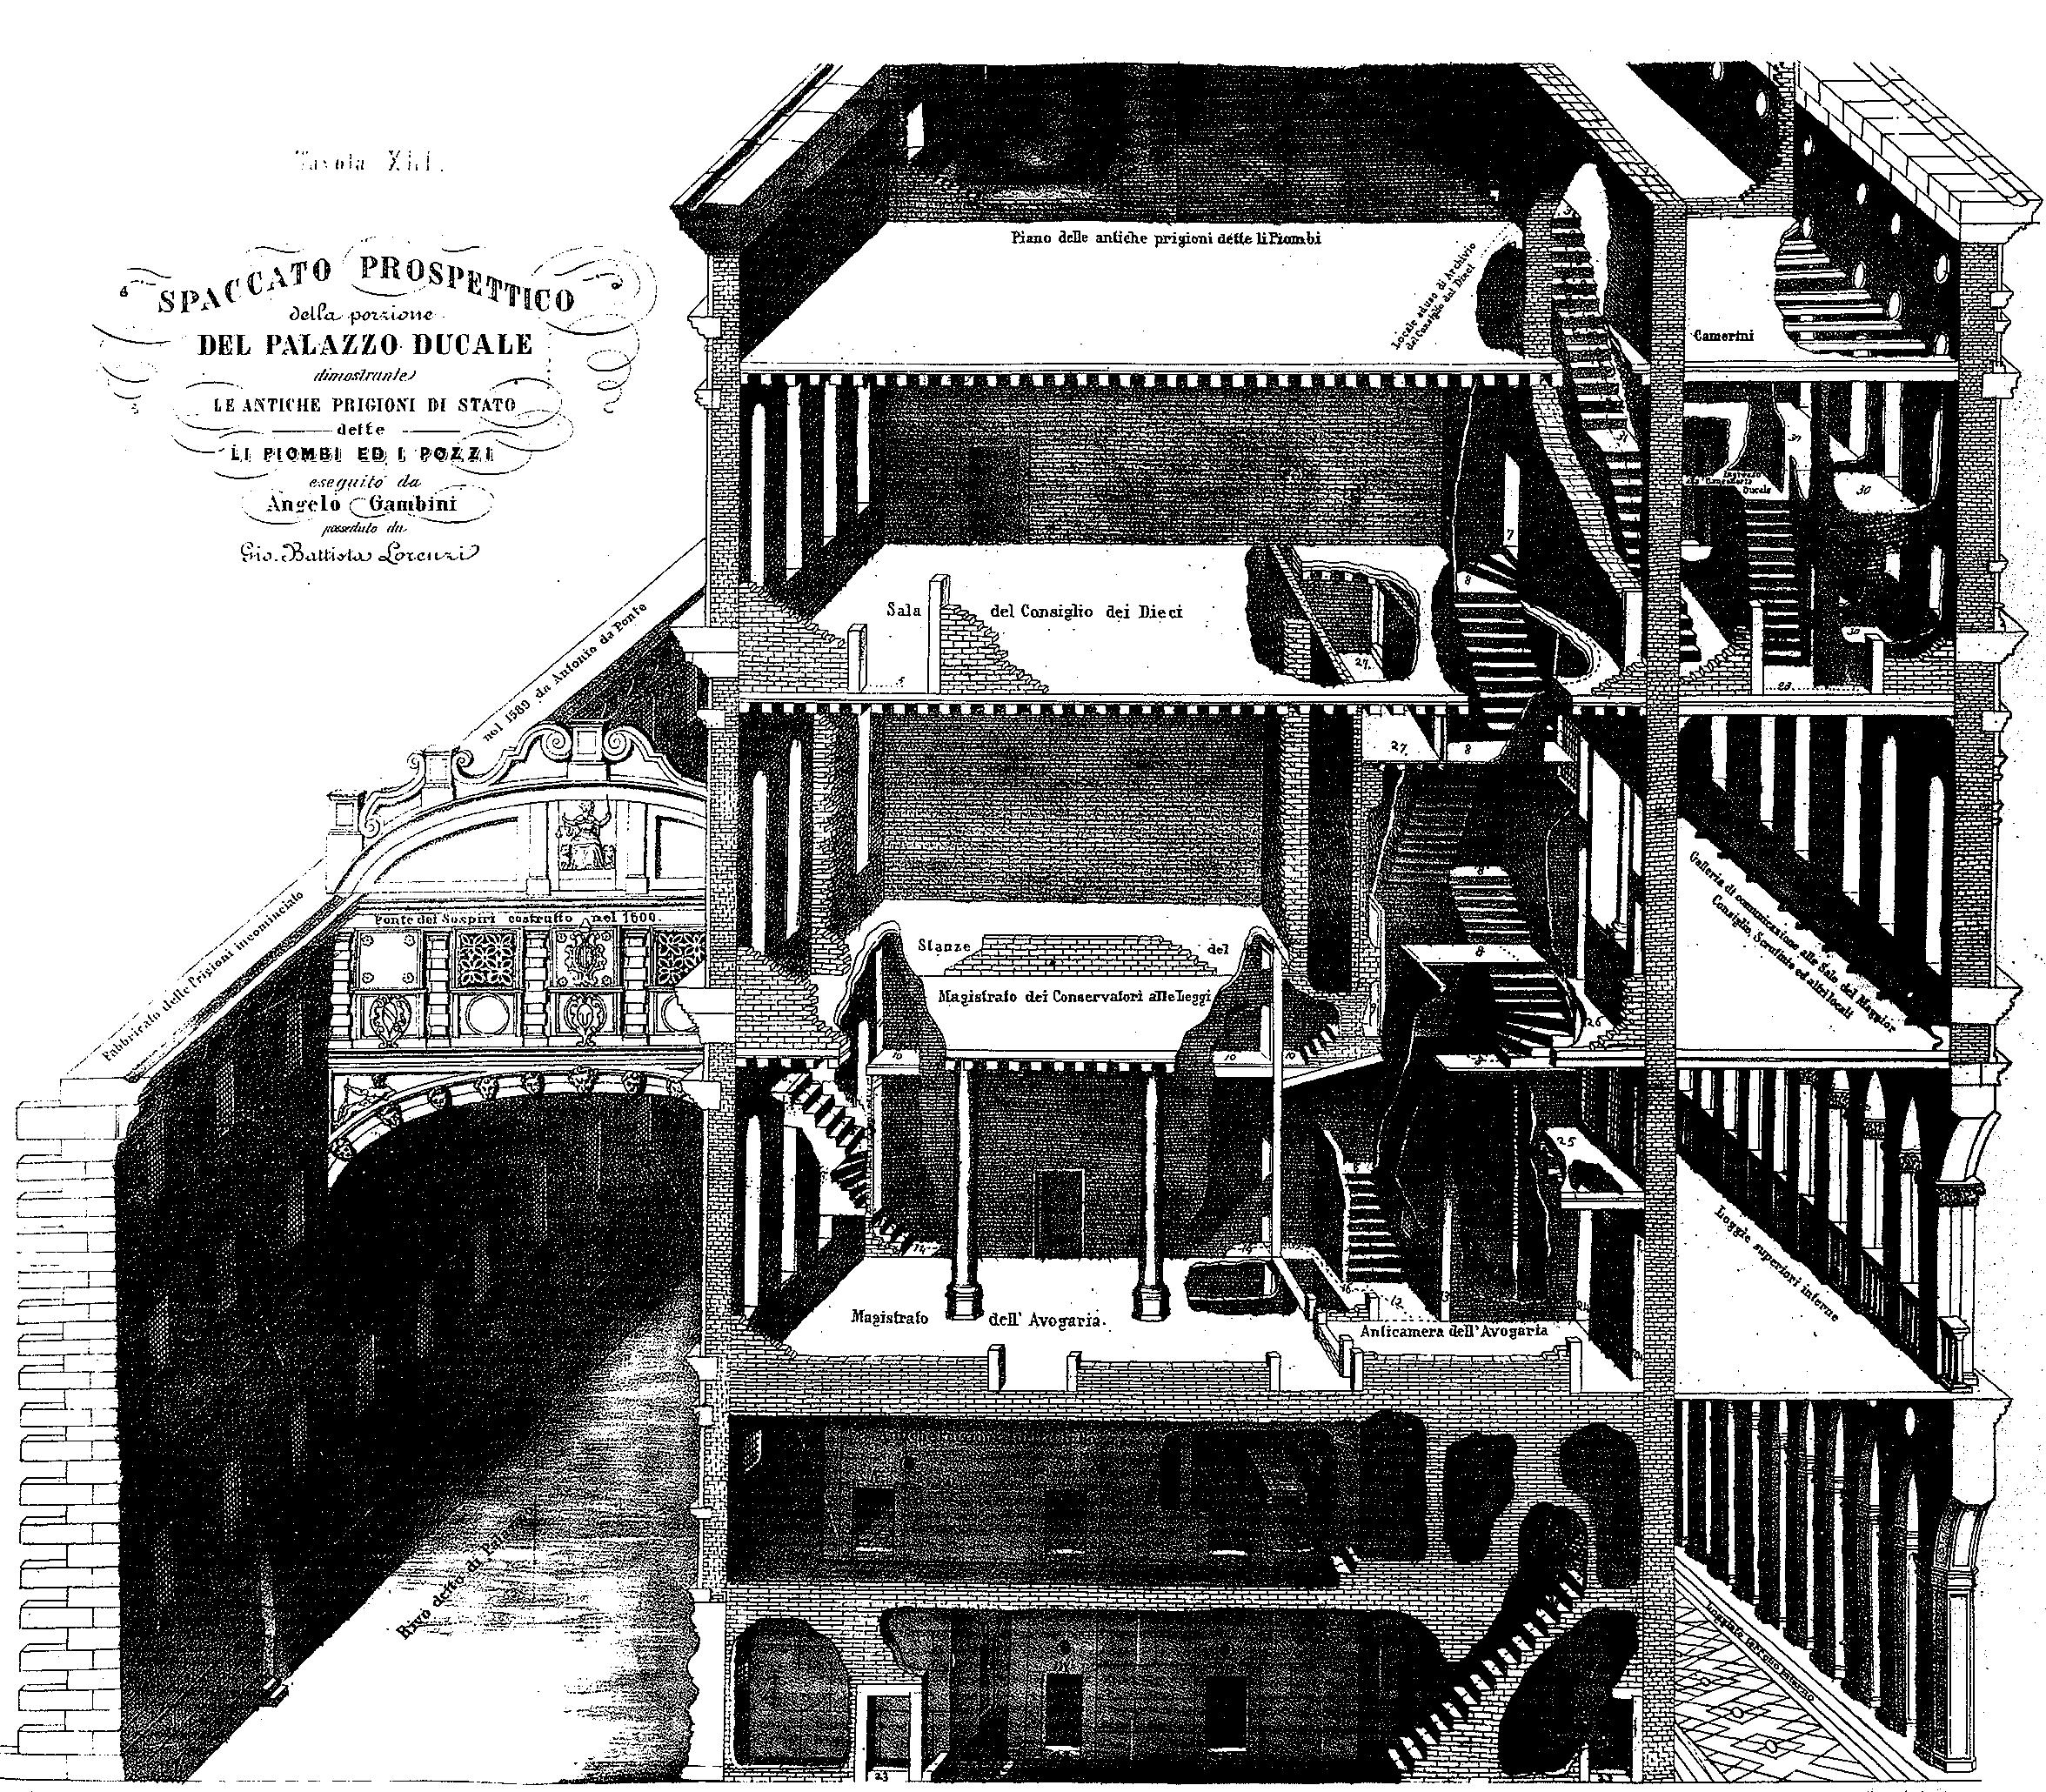 Spaccato prospettico delle Prigioni del Palazzo Ducale di Venezia